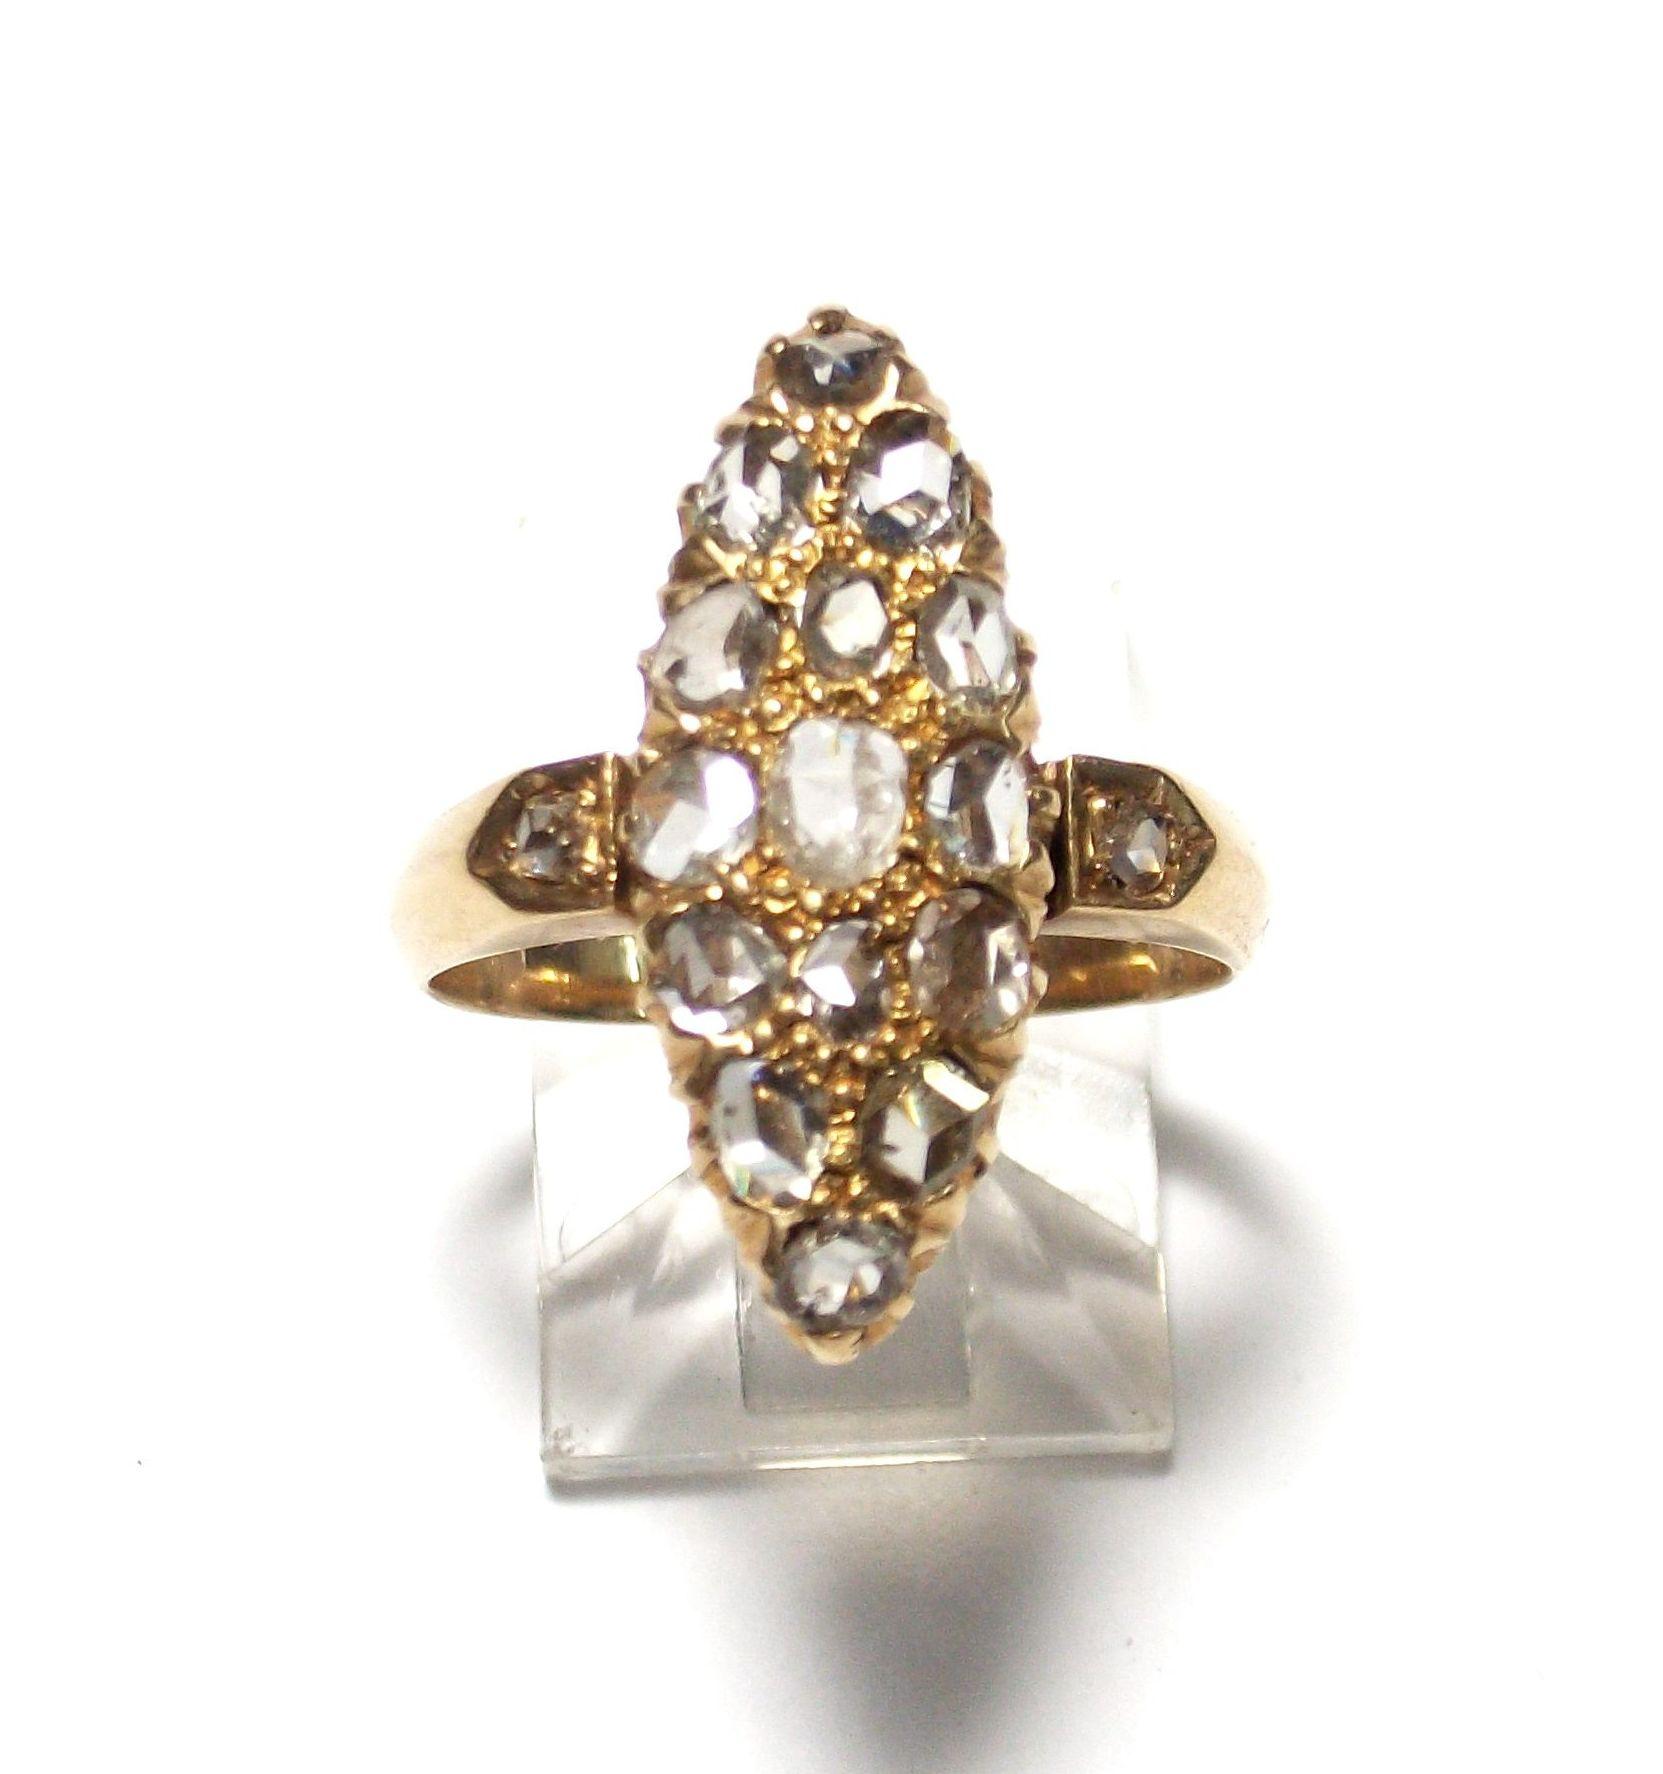 Sortija lanzadera realizada en oro de 18k con diamantes talla roca. Circa: Último tercio del s. XIX.